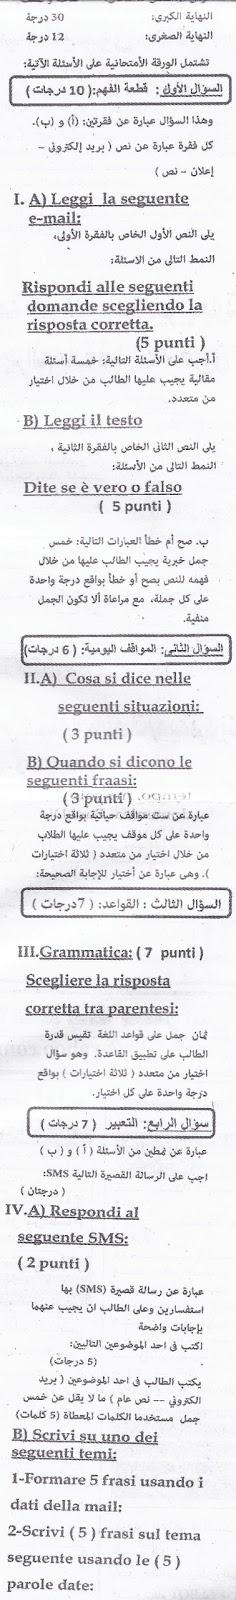 """ملحق الجمهورية"""" ينشر المواصفات الفنية الجديدة لورقة امتحان اللغة الايطالية لـ 2 ثانوي + نماذج علية Scan0005"""